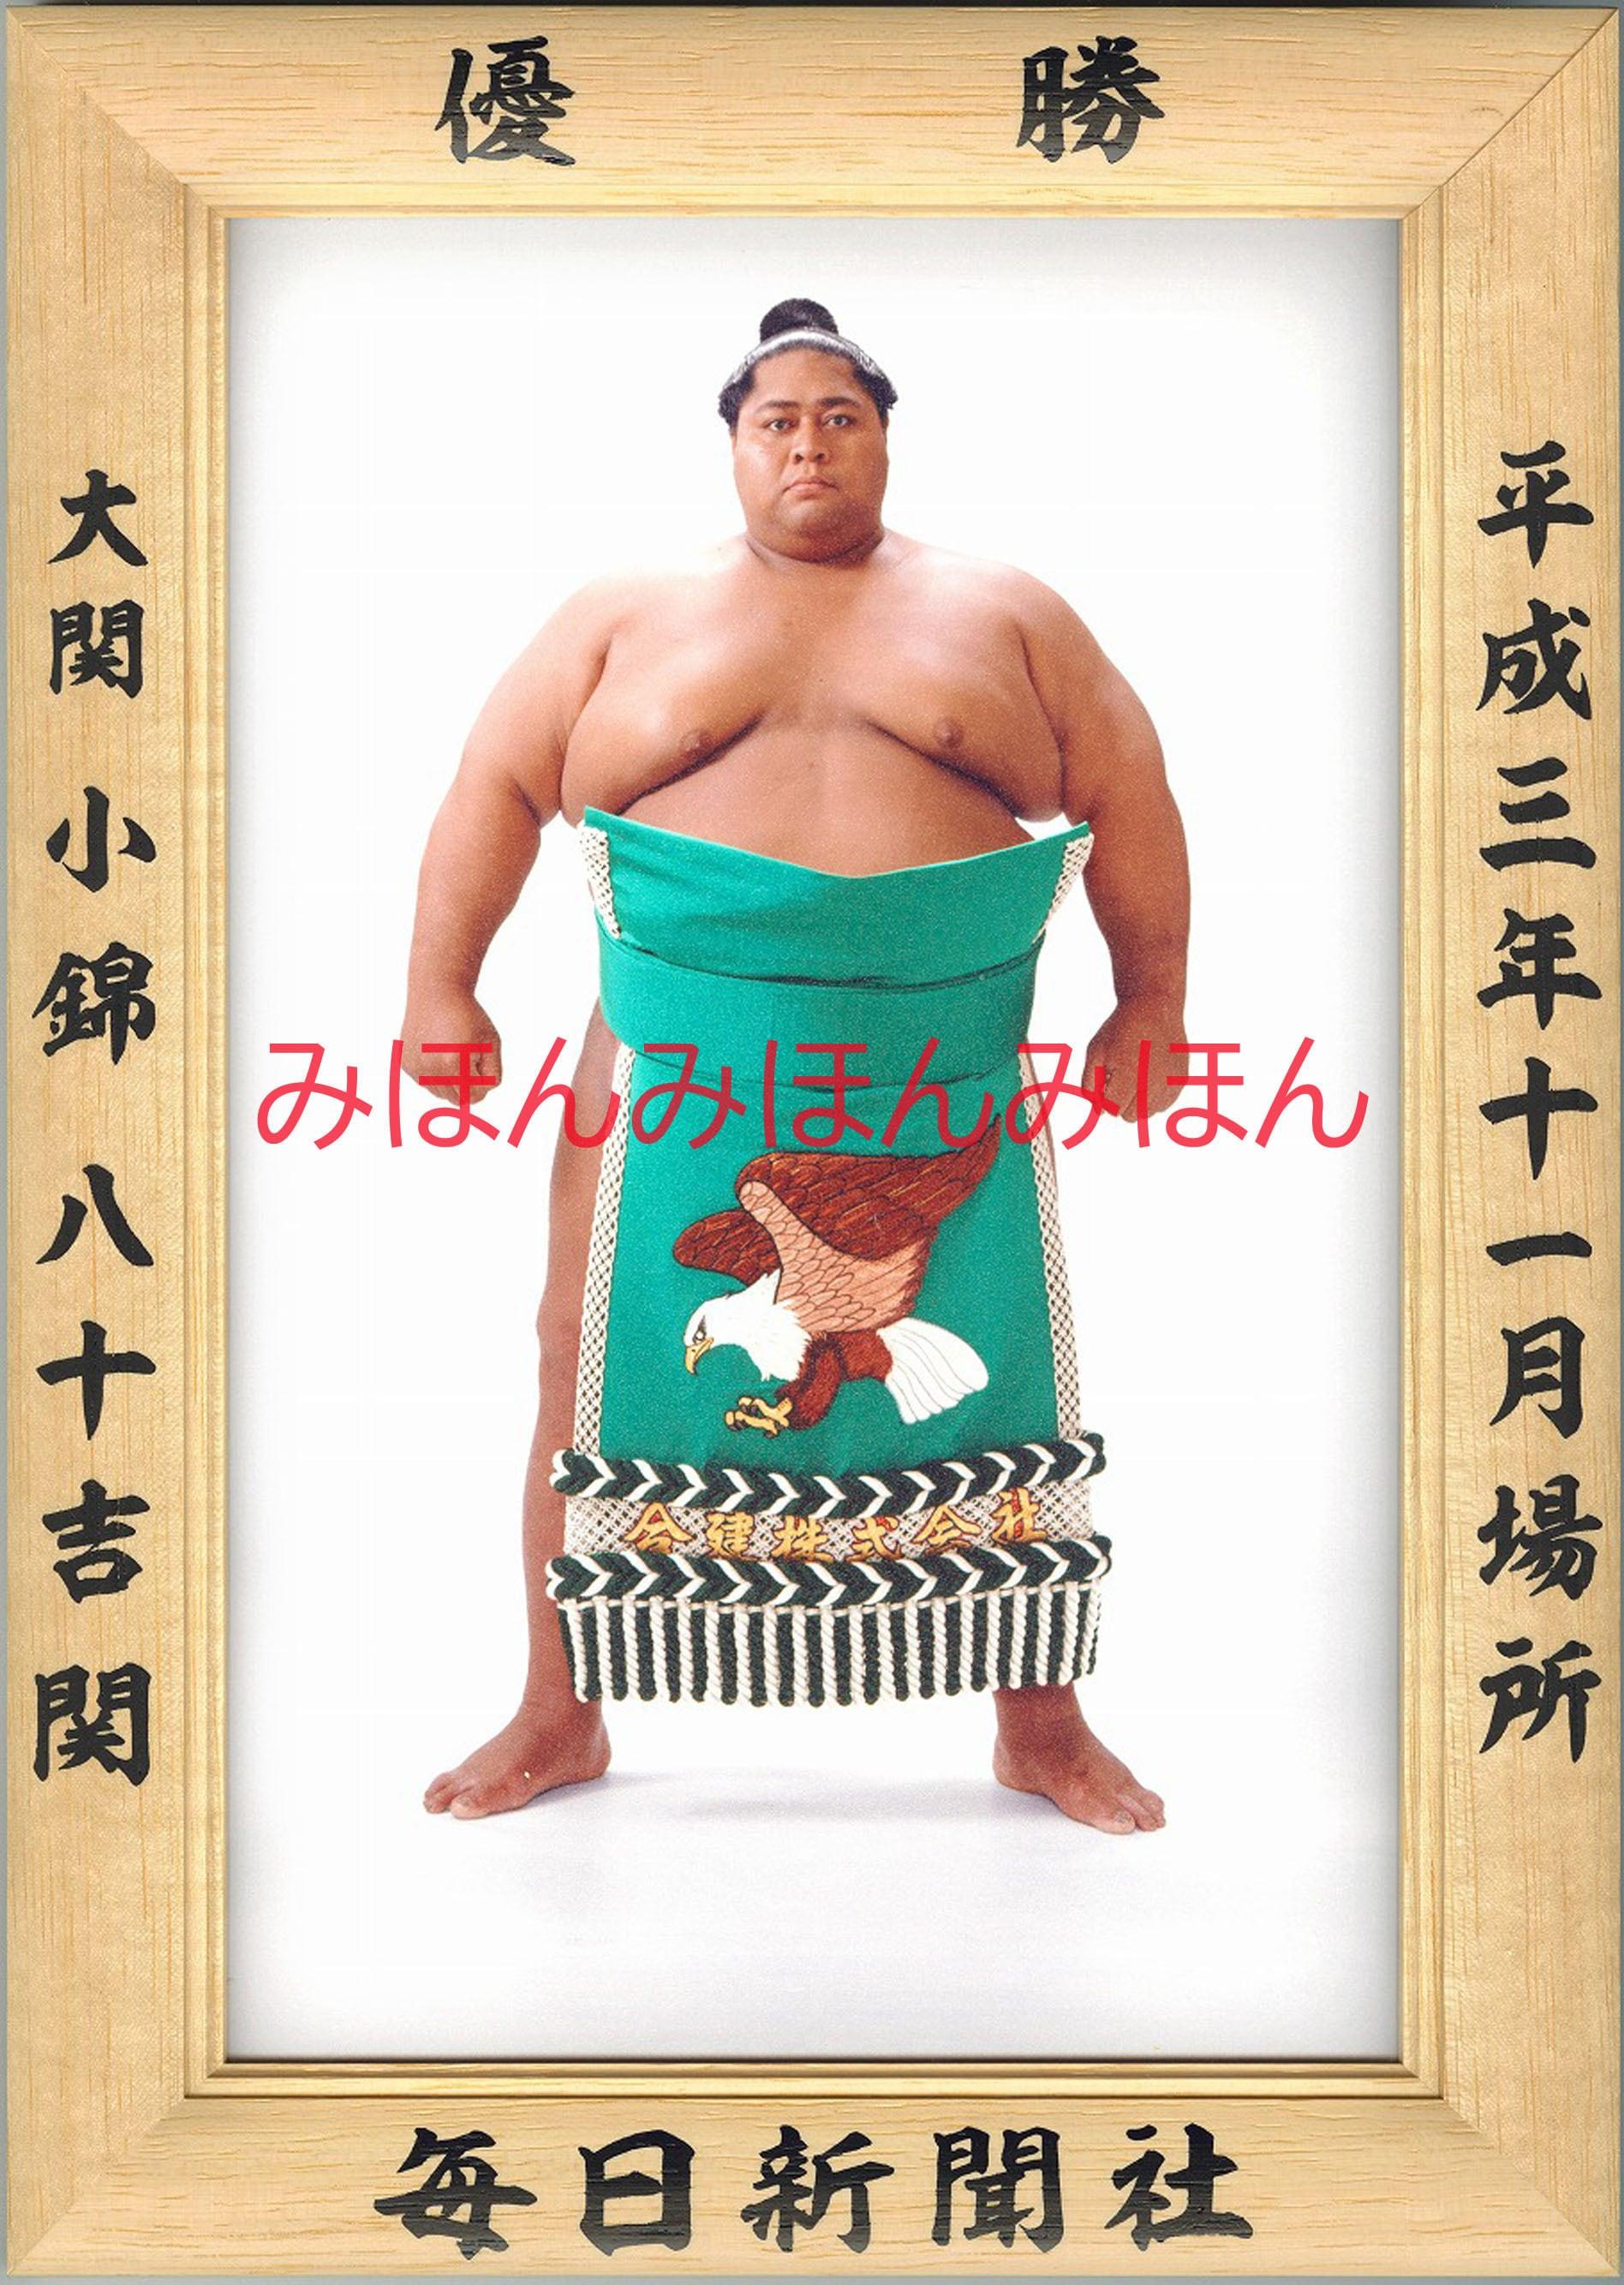 平成3年11月場所優勝 大関 小錦八十吉関(2回目の優勝)